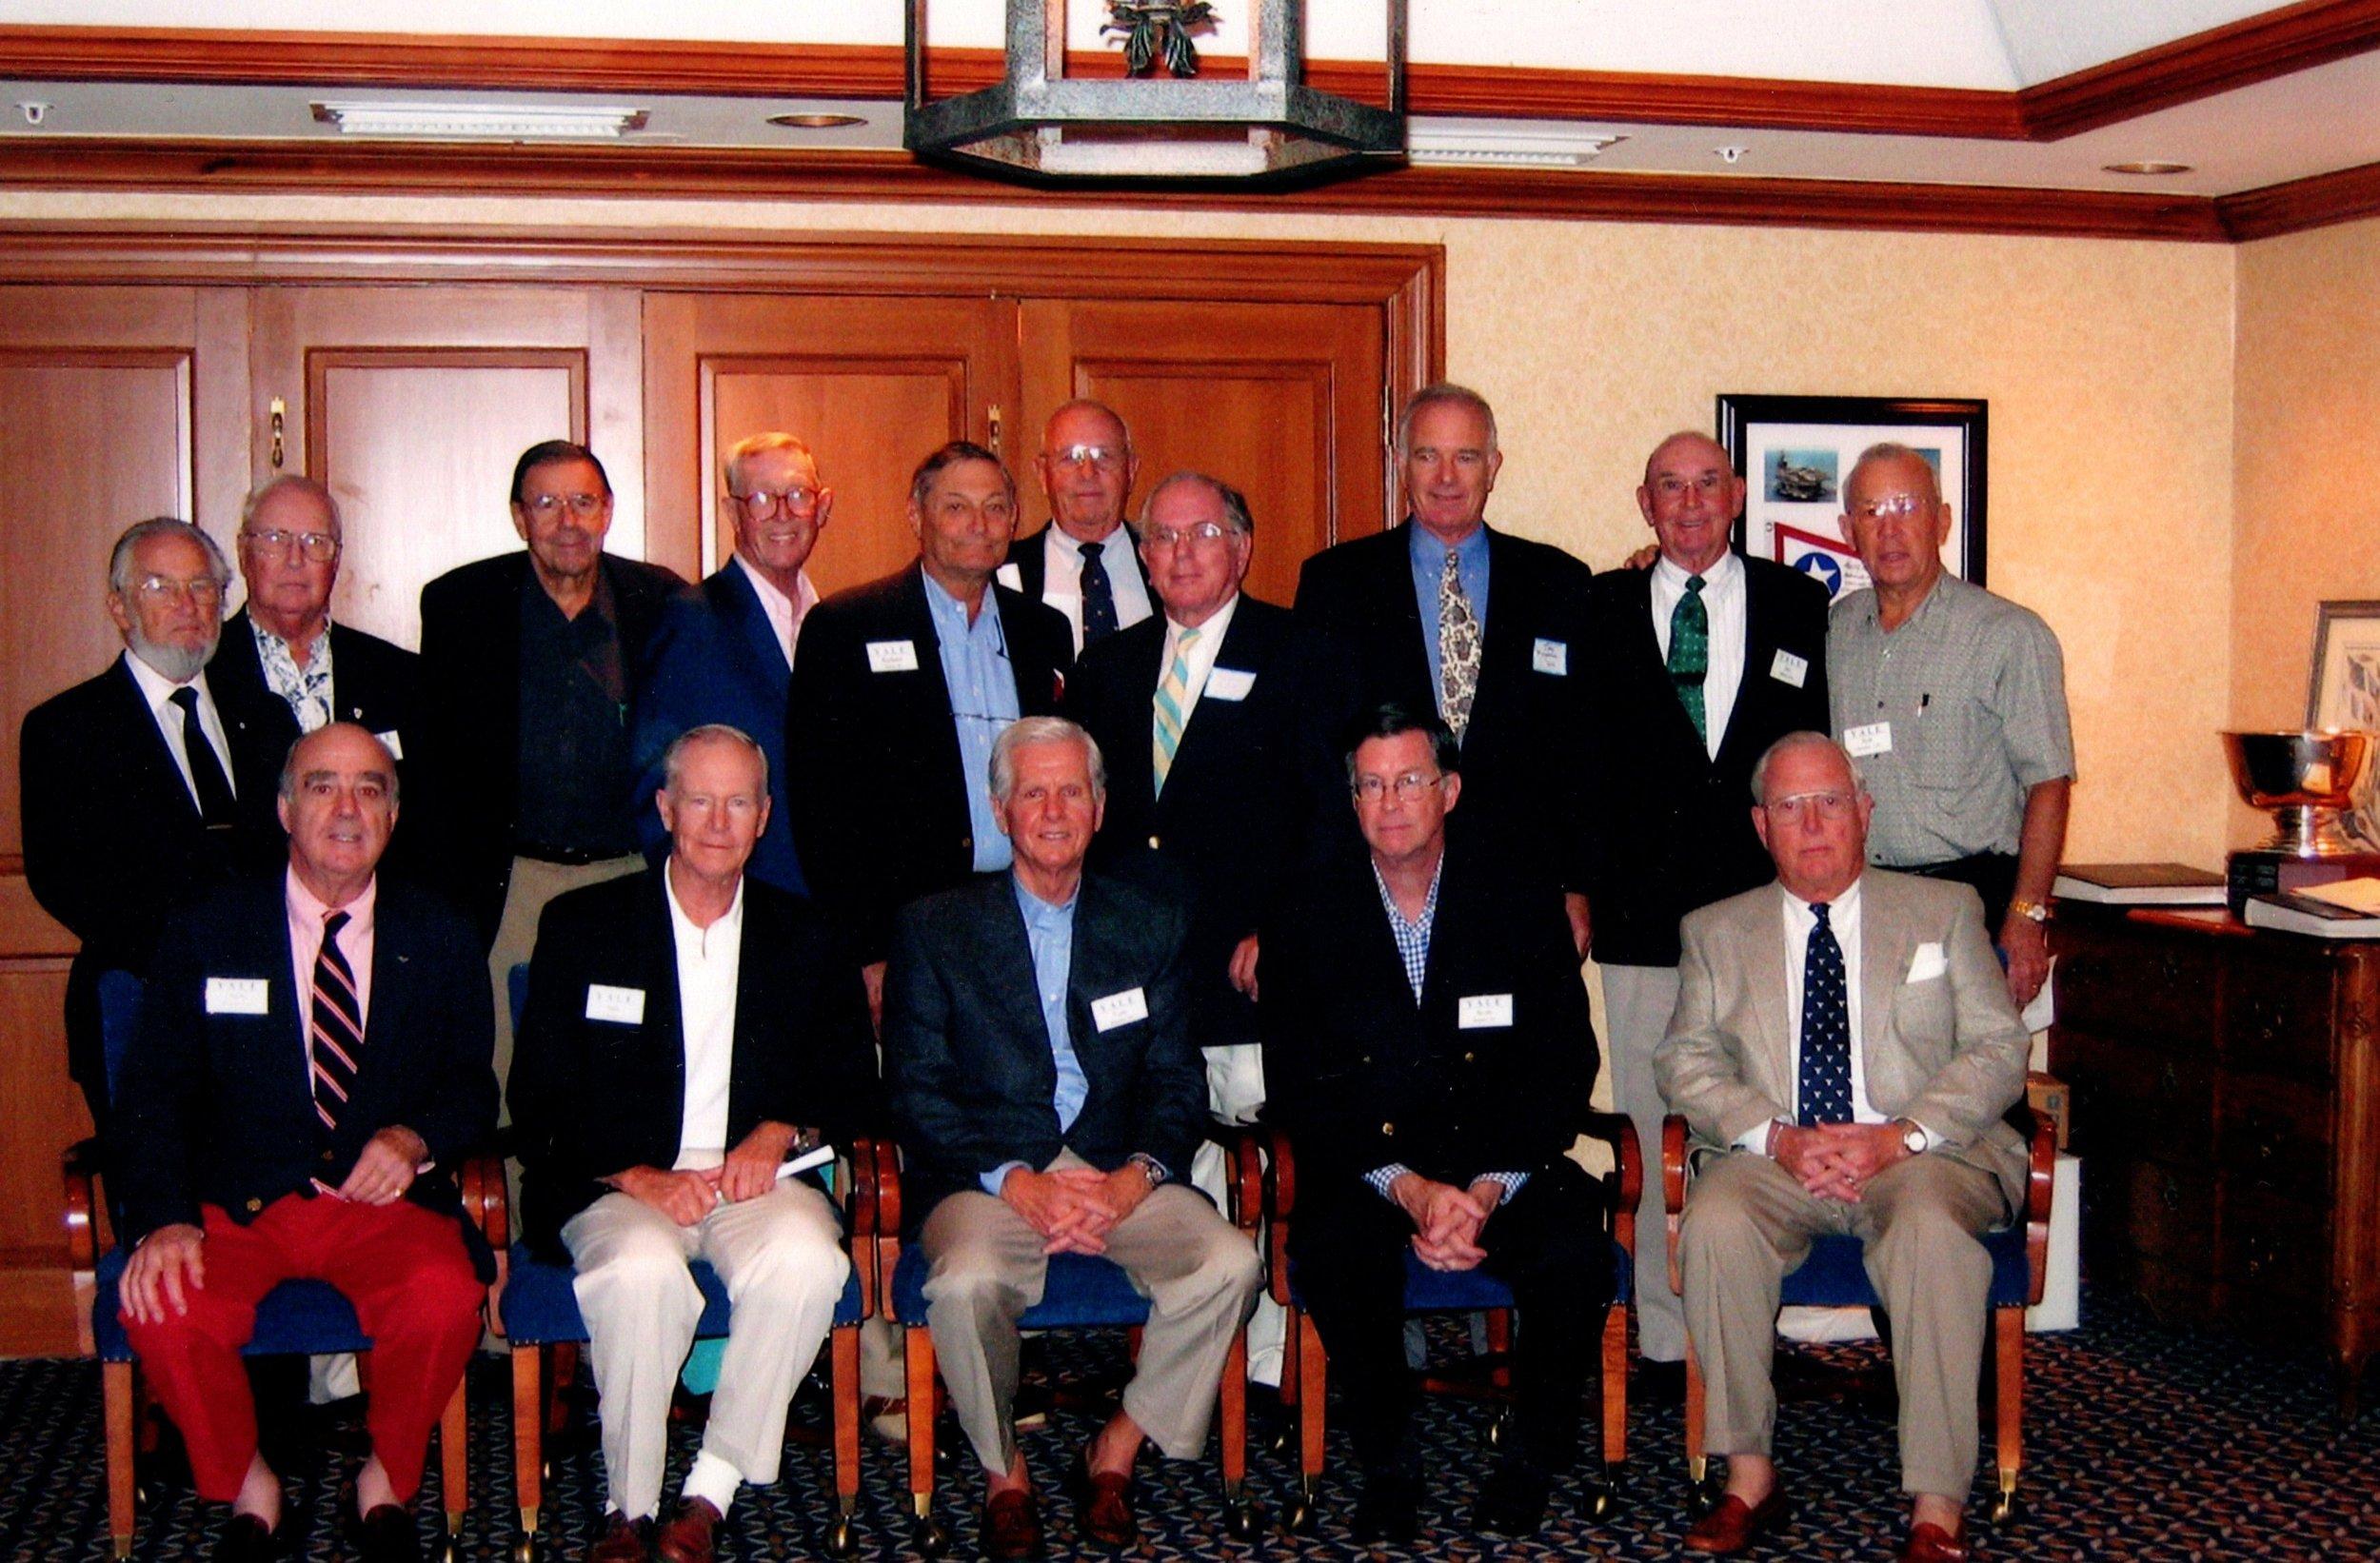 11_11_2004 - ANNUAL MEETING OF MEMBERS - NAPLES YACHT CLUB 1.jpg